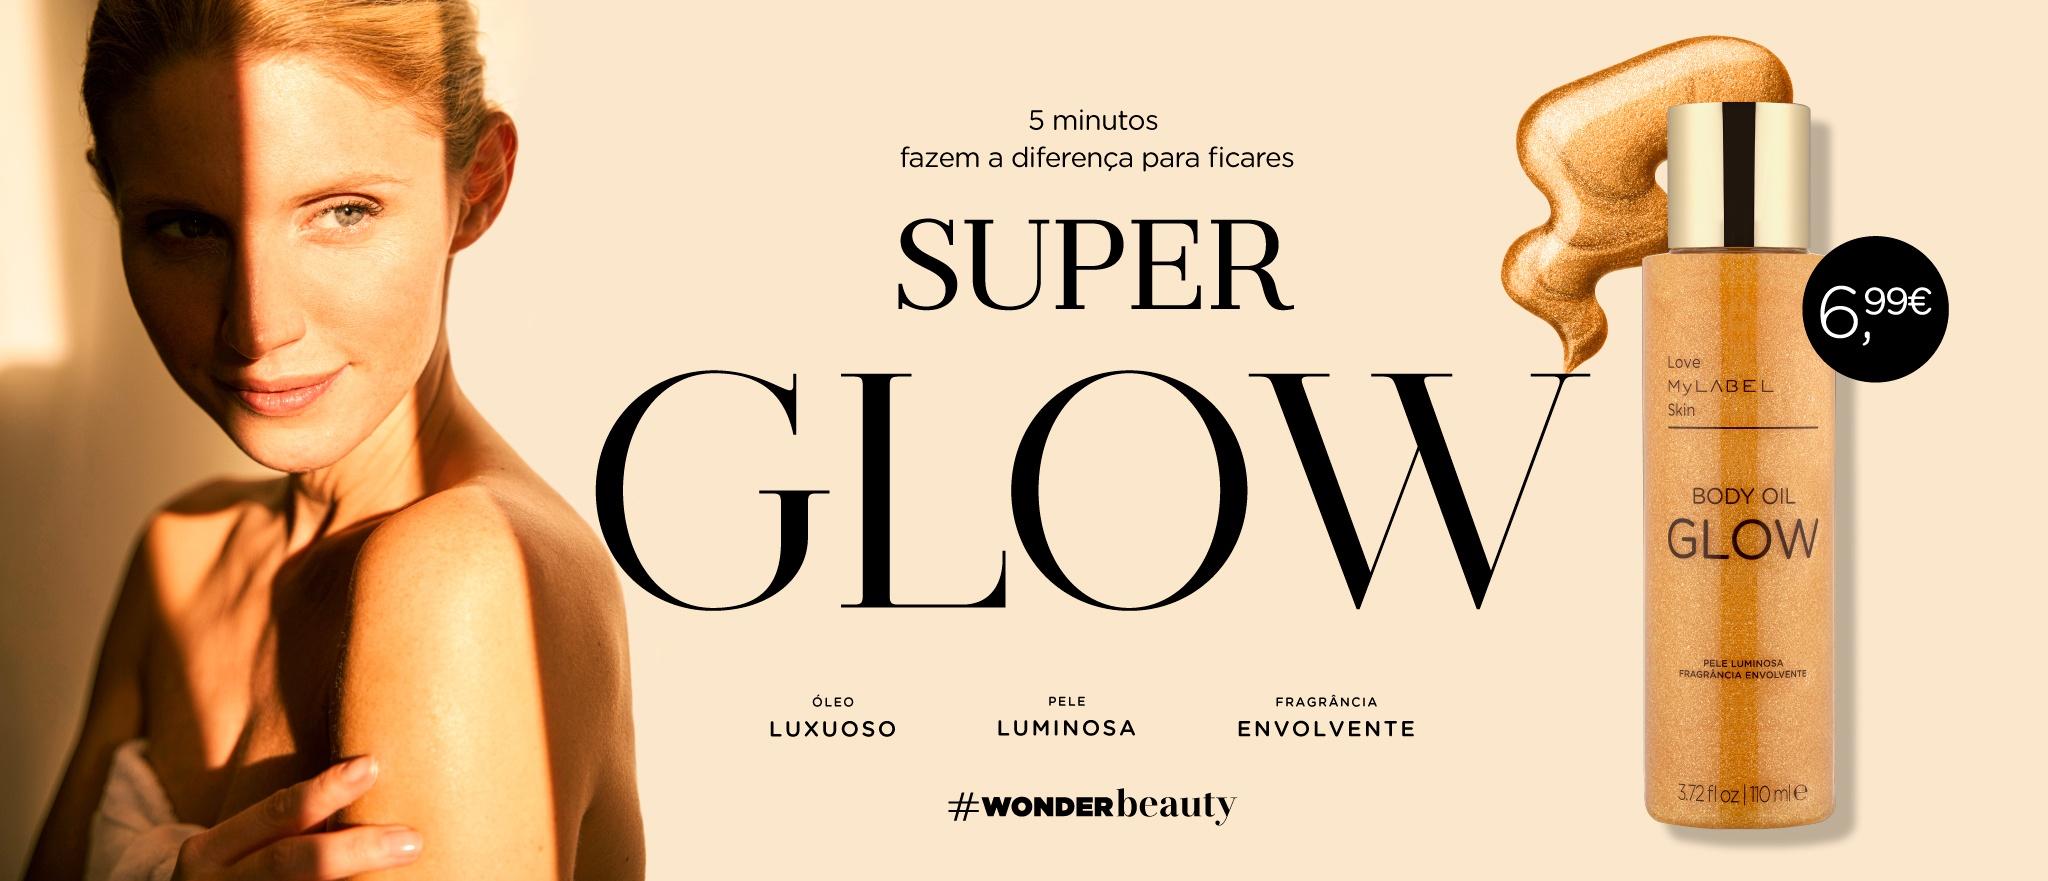 Destaque Super Glow